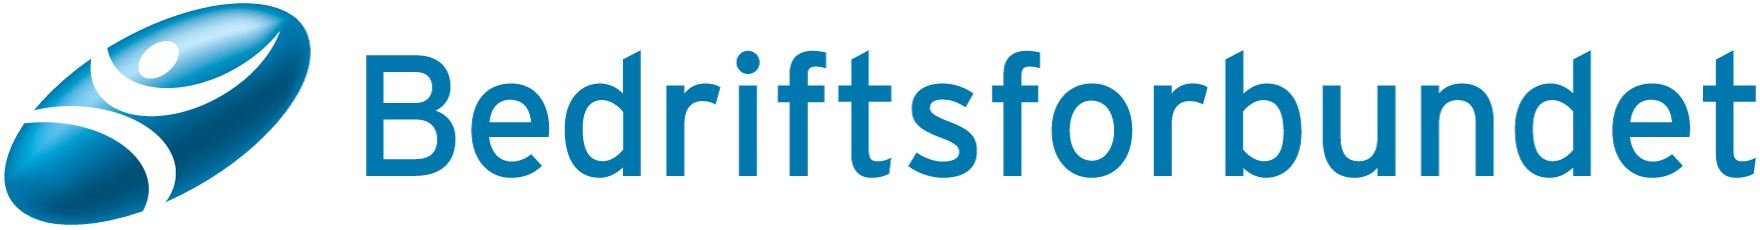 Bedriftsforbundet-logo-RGB-Stor (2)